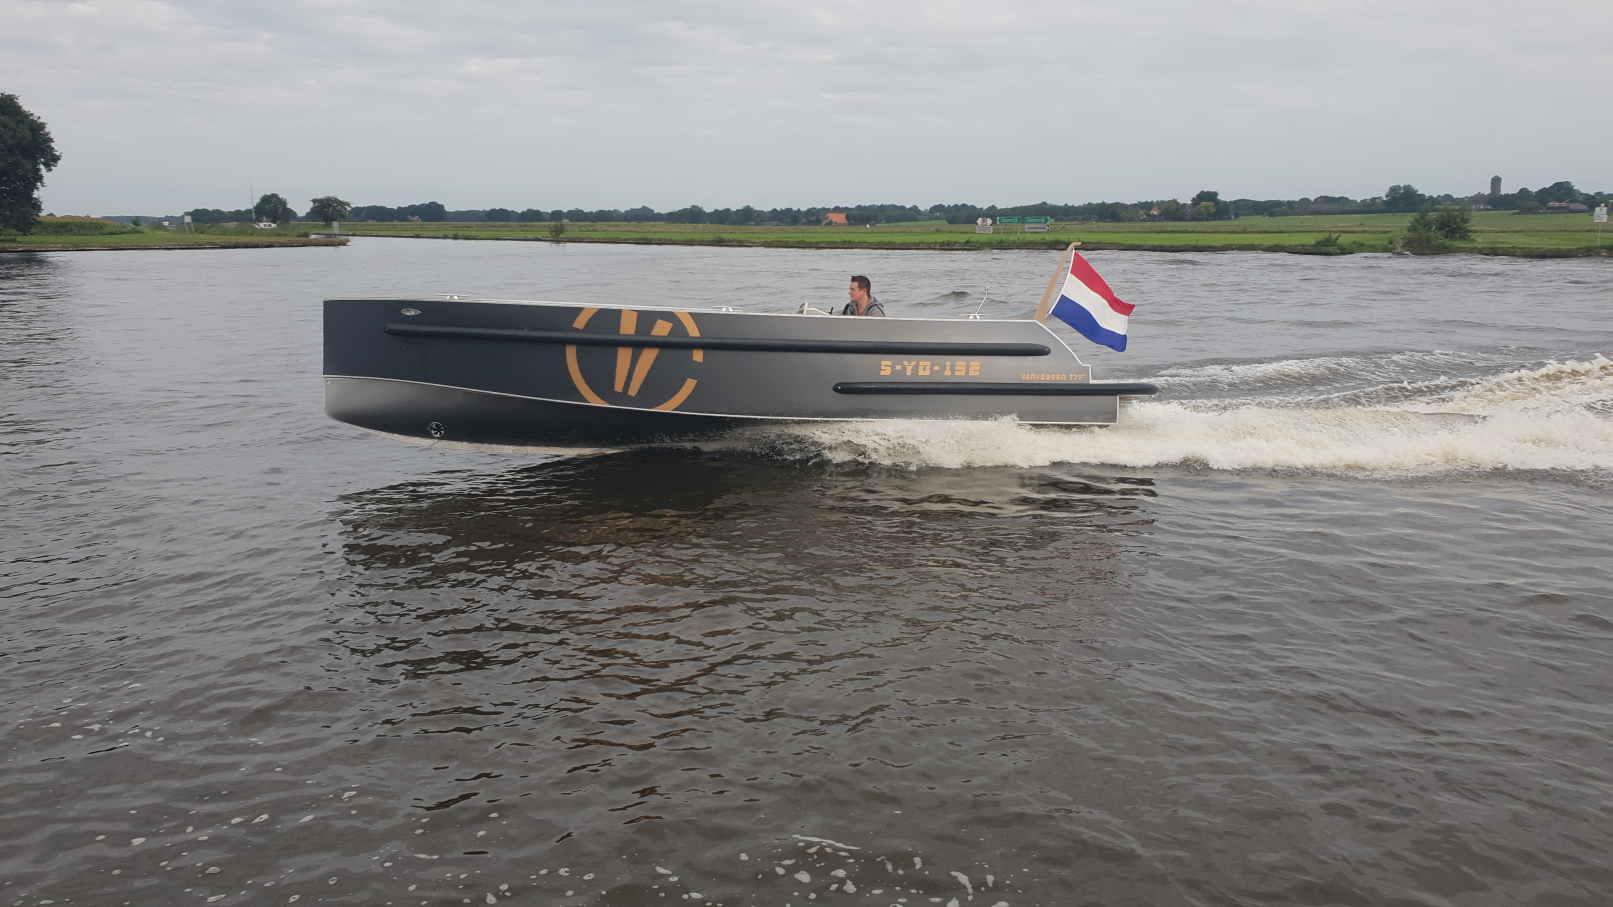 VanVossen Tender 777